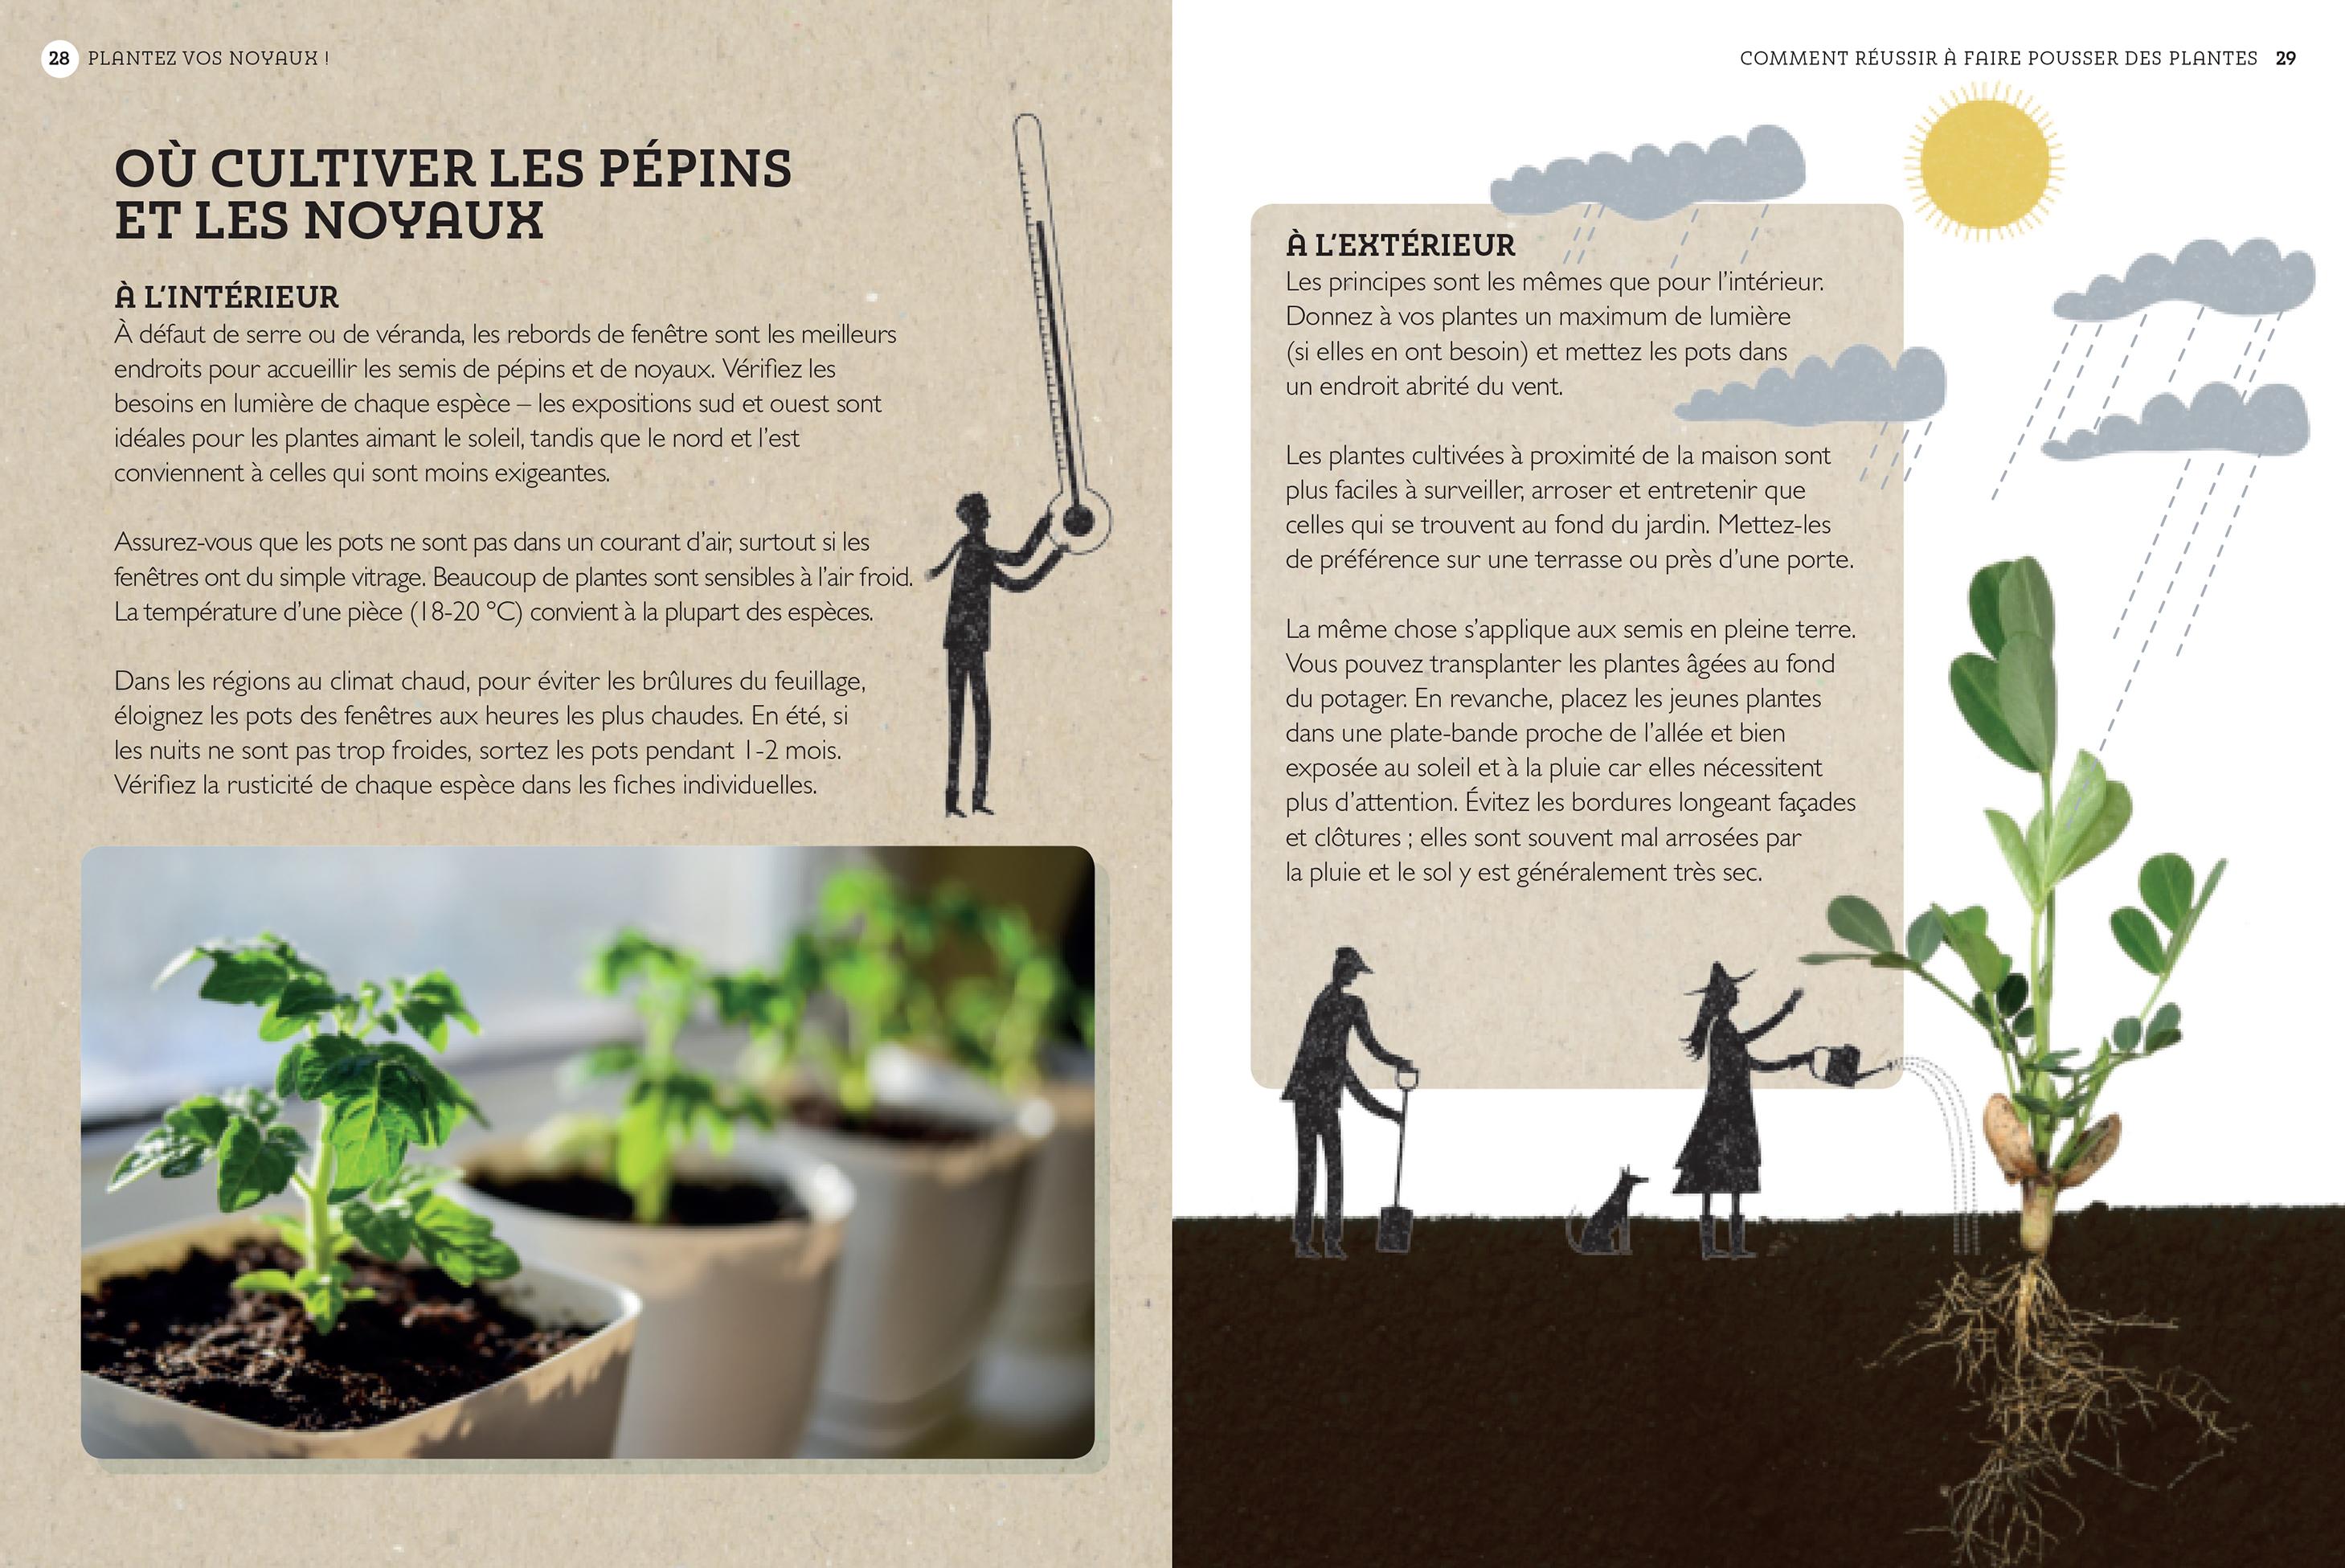 Plantes Pour Terrasse Sud Est 127_plantezvosnoyaux_int2 - groupe modus